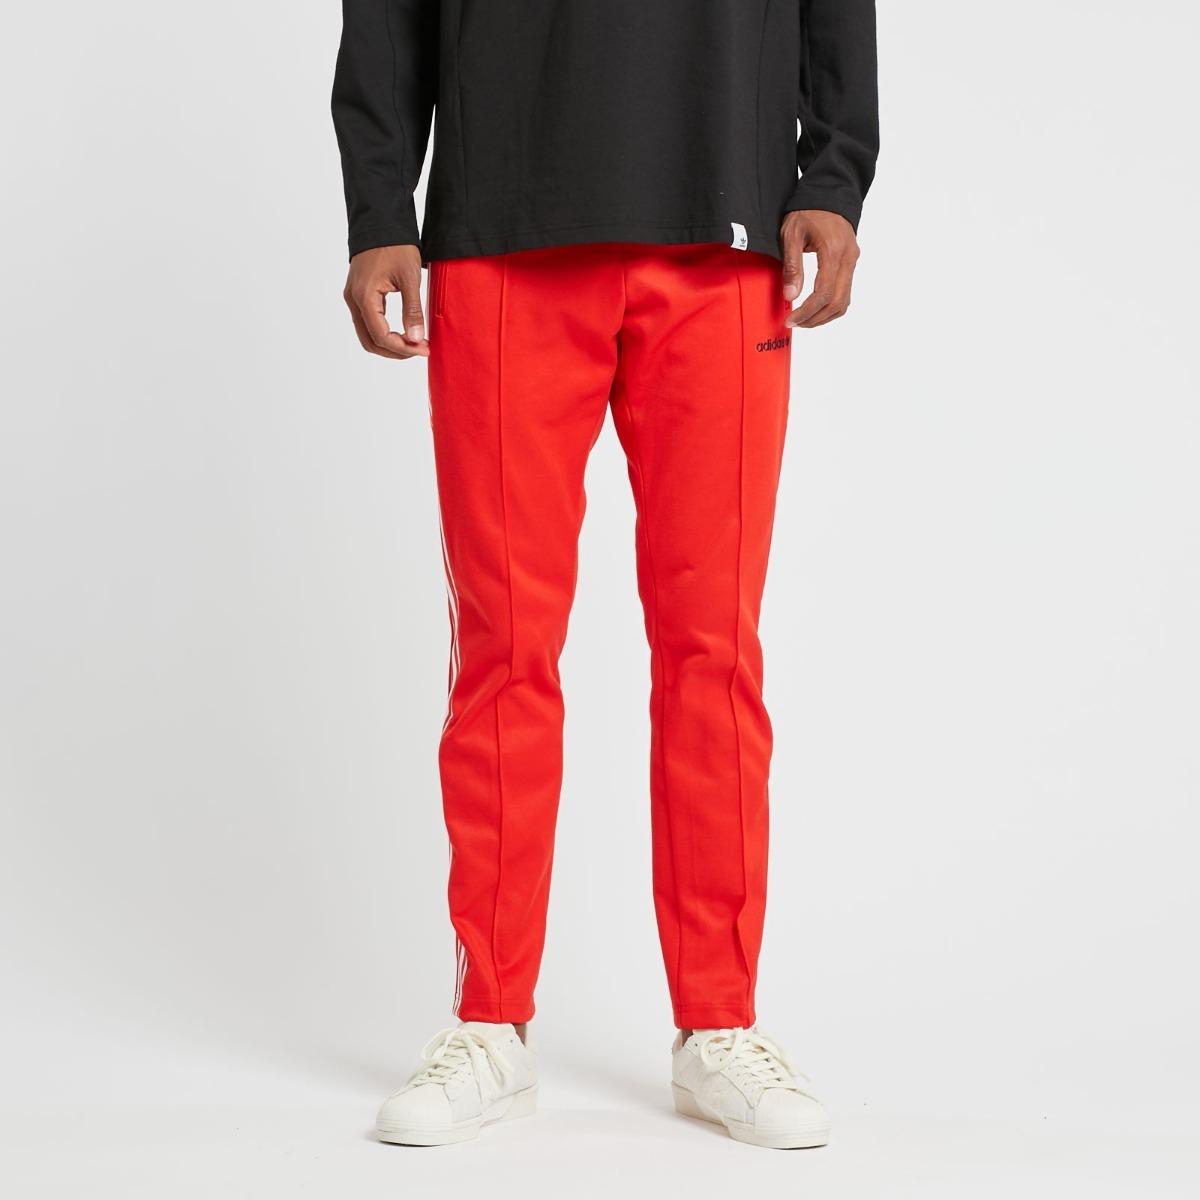 00 Pantalon 1 Adidas En Block 799 Originals Tapere Beckenbauer SSTzAf0q